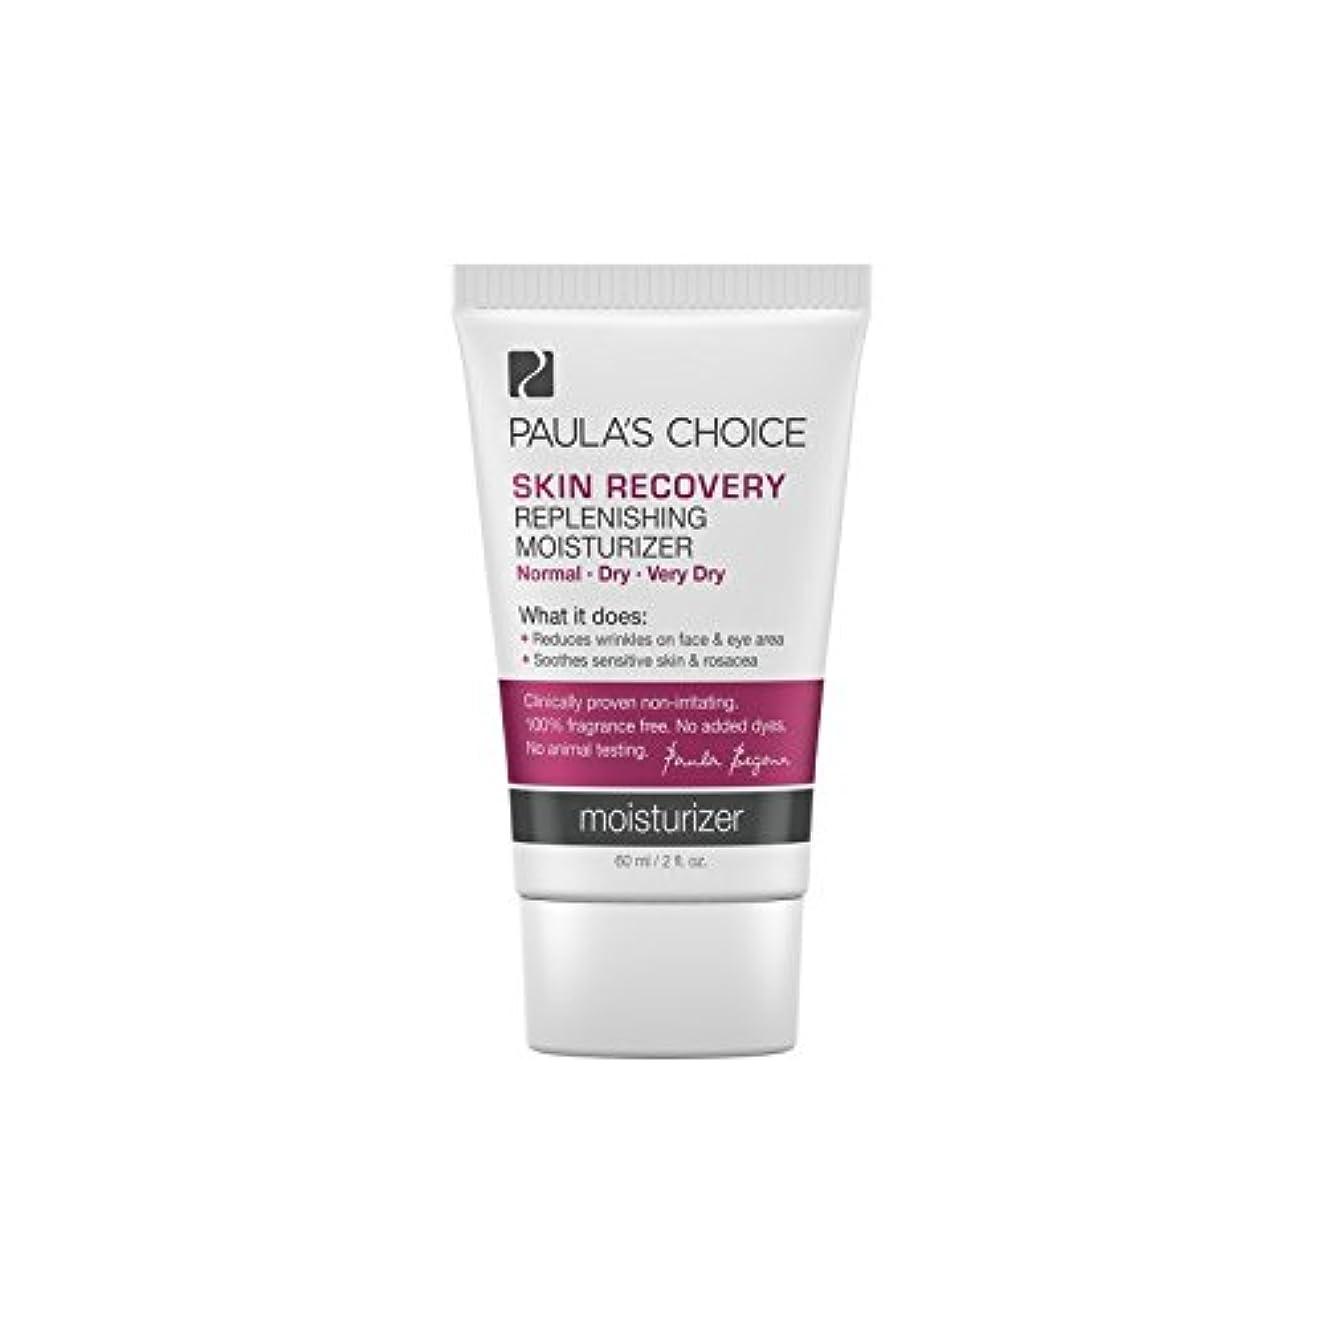 良性他の日死すべきPaula's Choice Skin Recovery Replenishing Moisturizer (60ml) (Pack of 6) - ポーラチョイスの肌の回復補充保湿(60ミリリットル) x6 [並行輸入品]